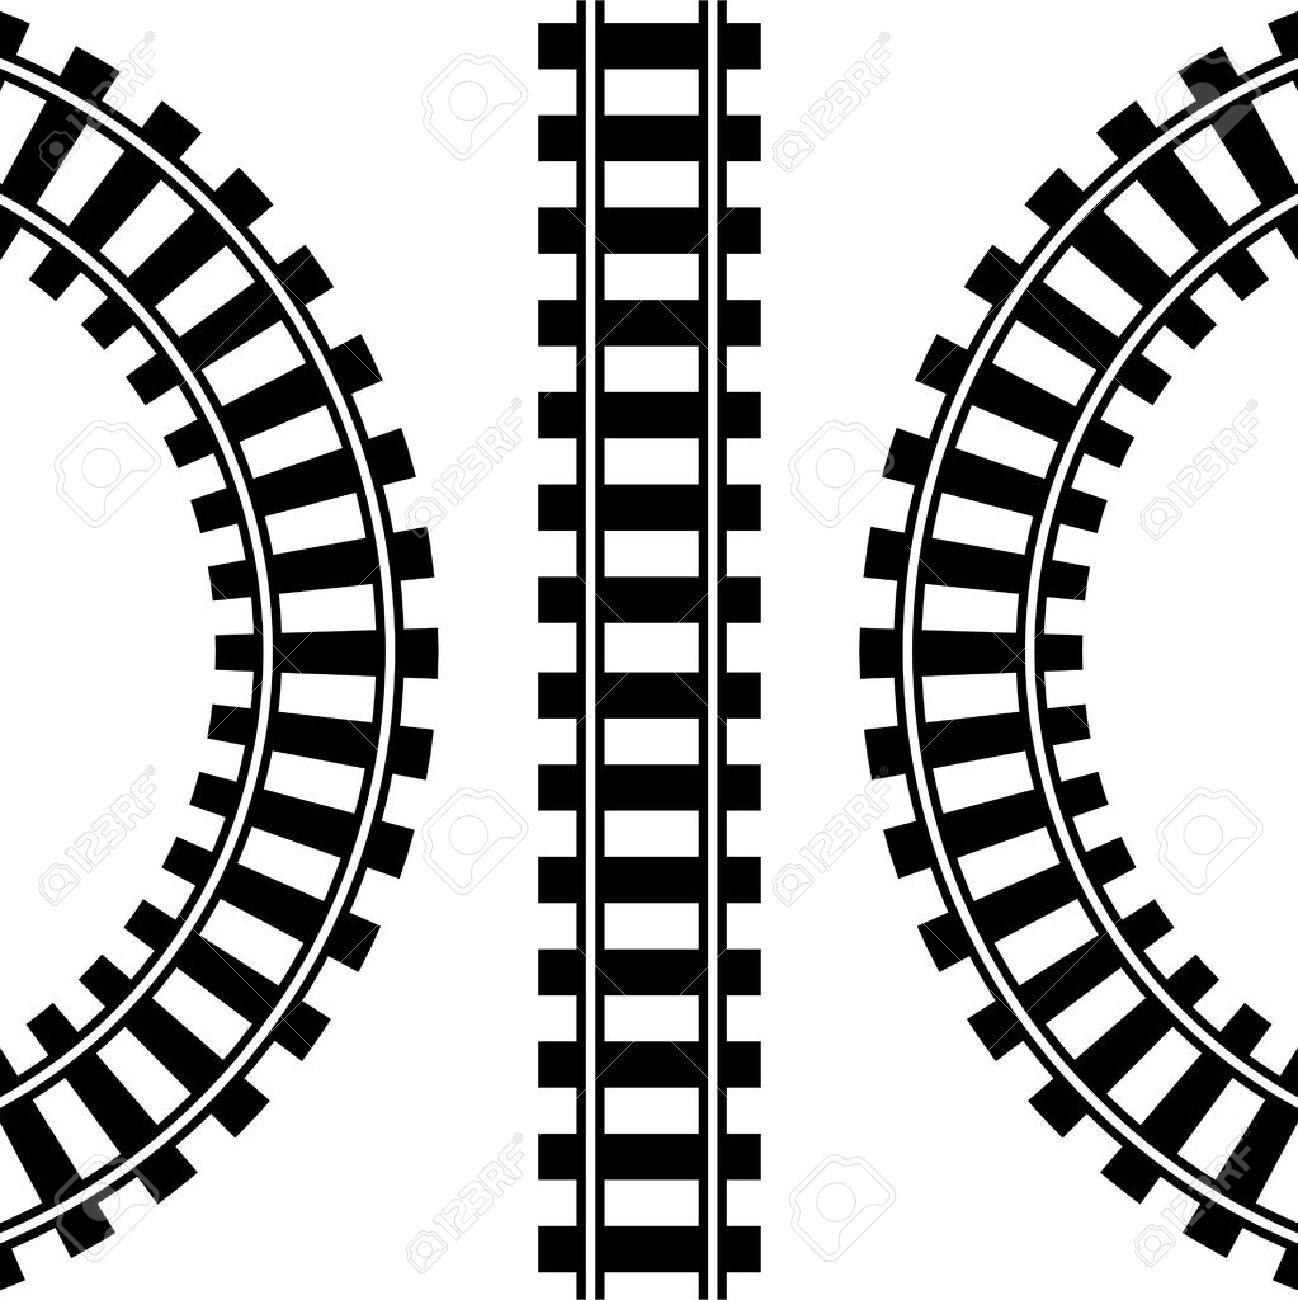 Free Train Track Cliparts, Download Free Clip Art, Free Clip.